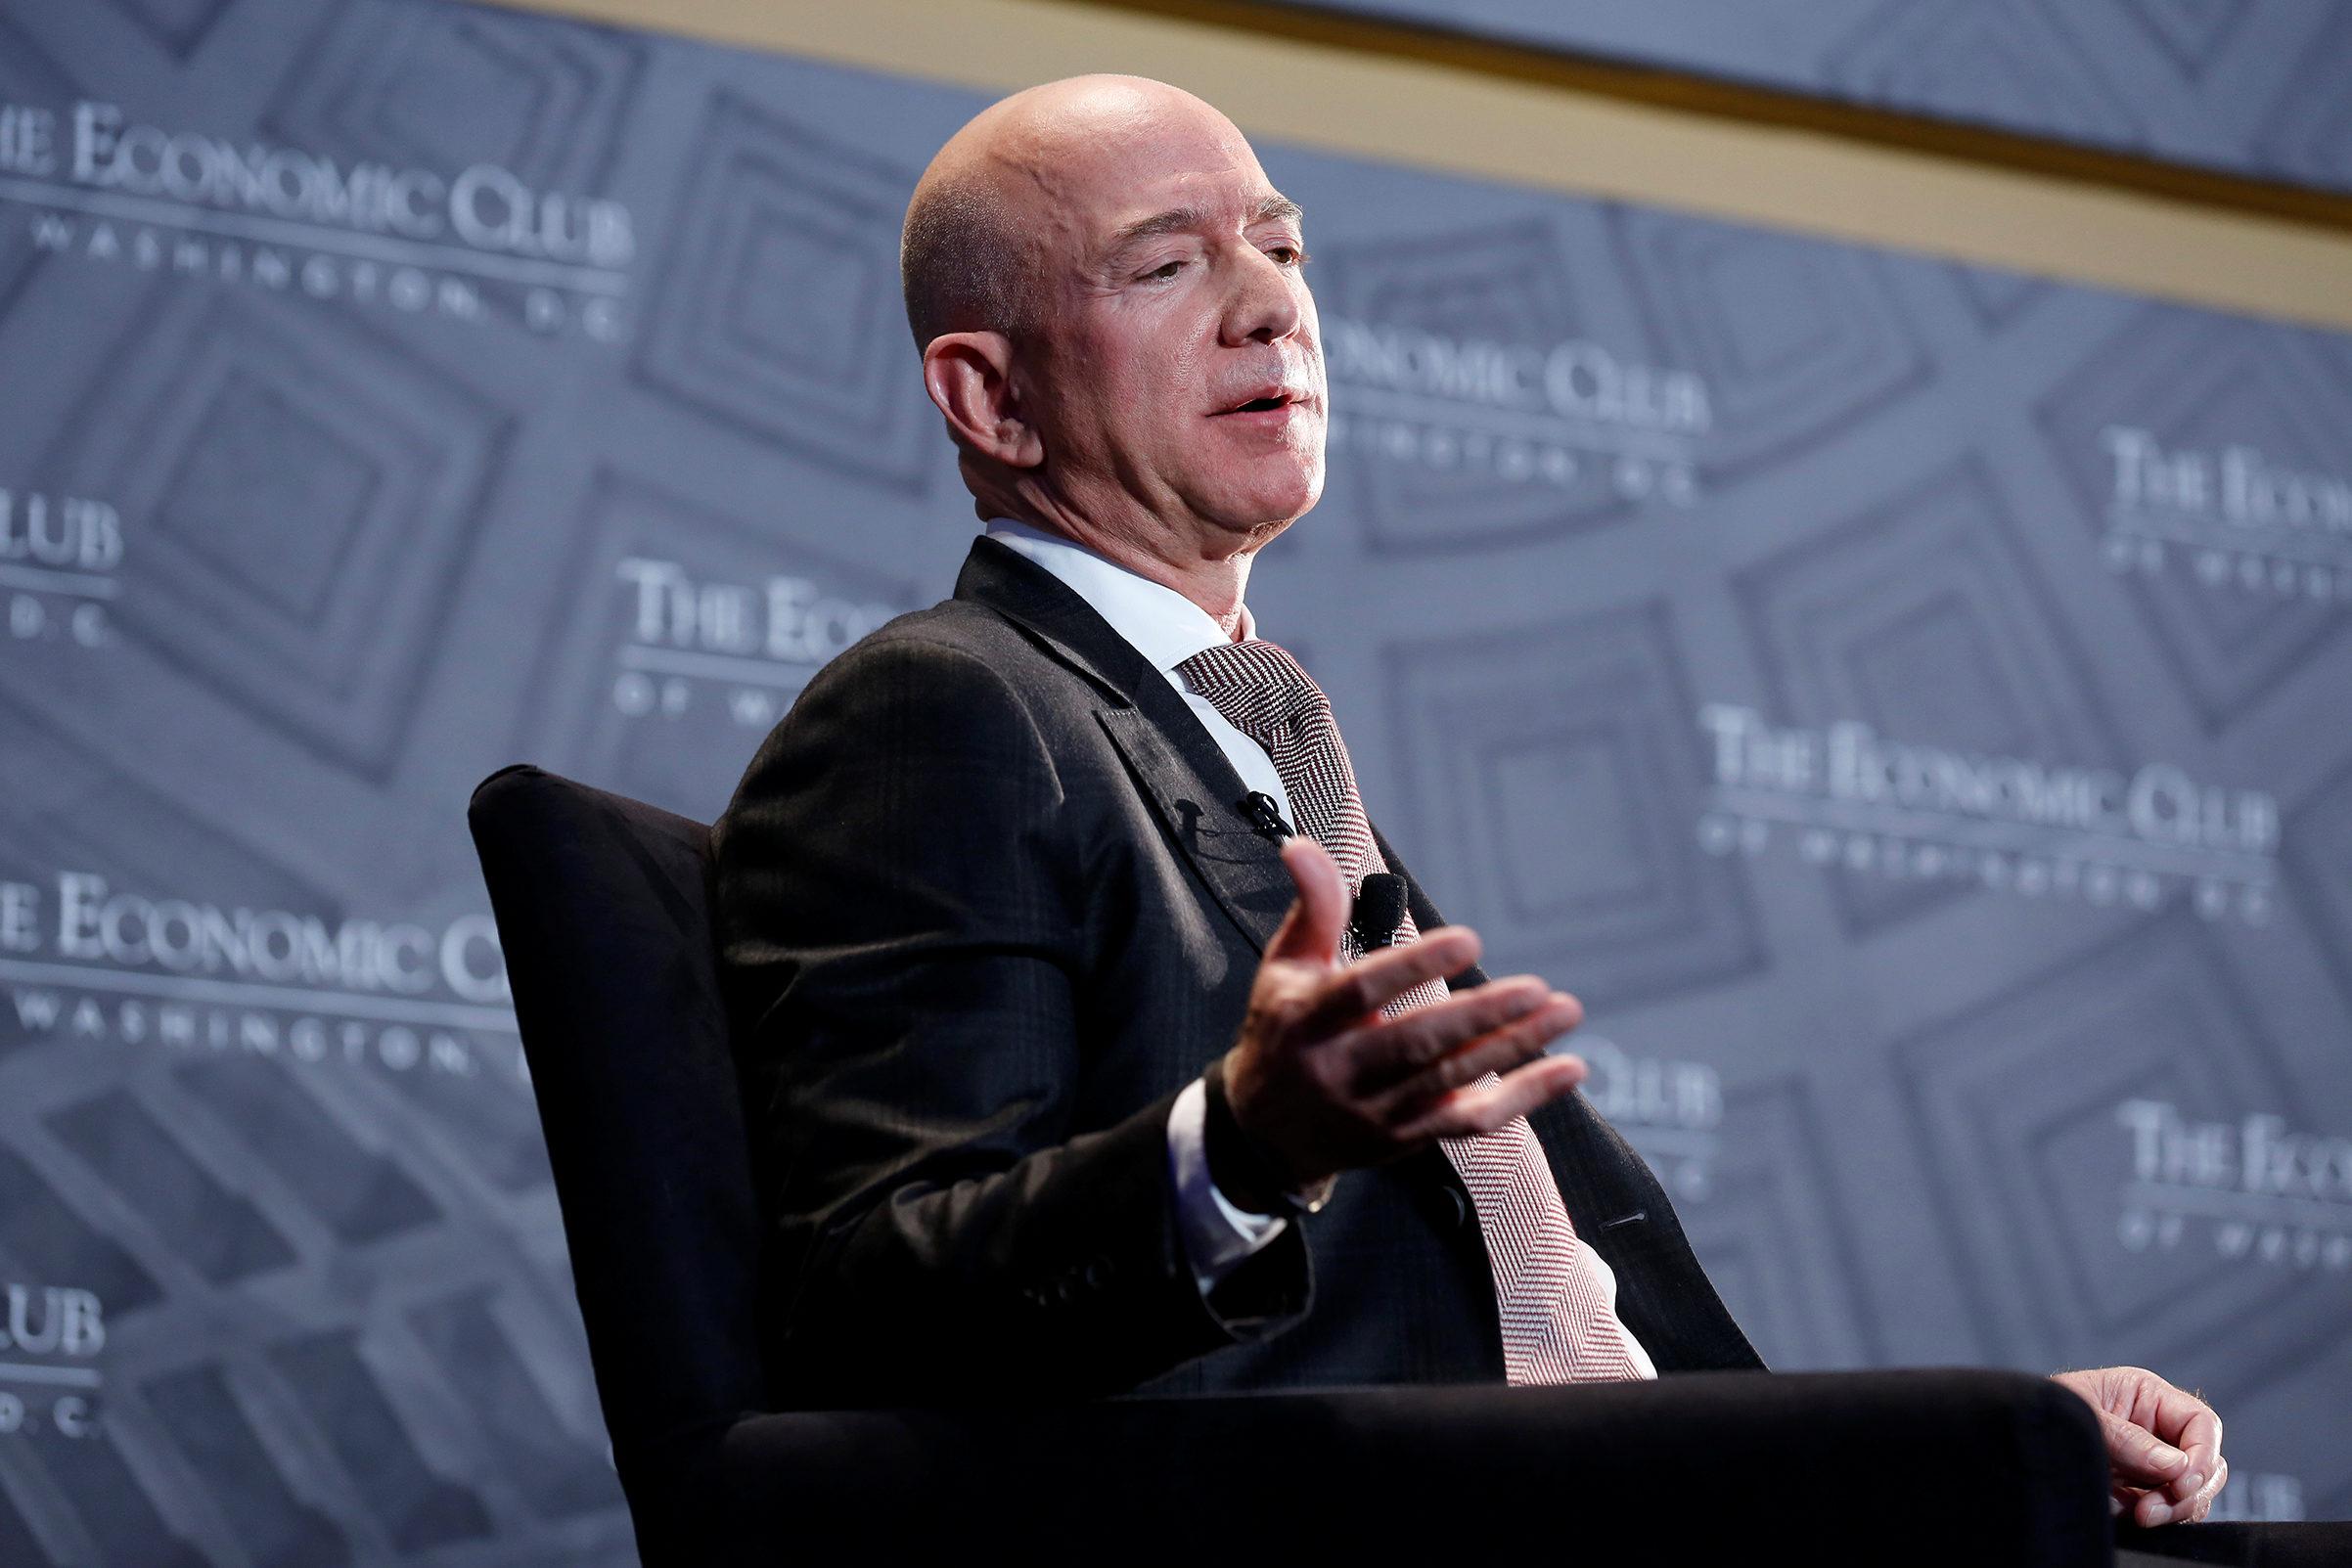 Ο κανόνας με τις 2 πίτσες που ακολουθεί ο Jeff Bezos στα meeting